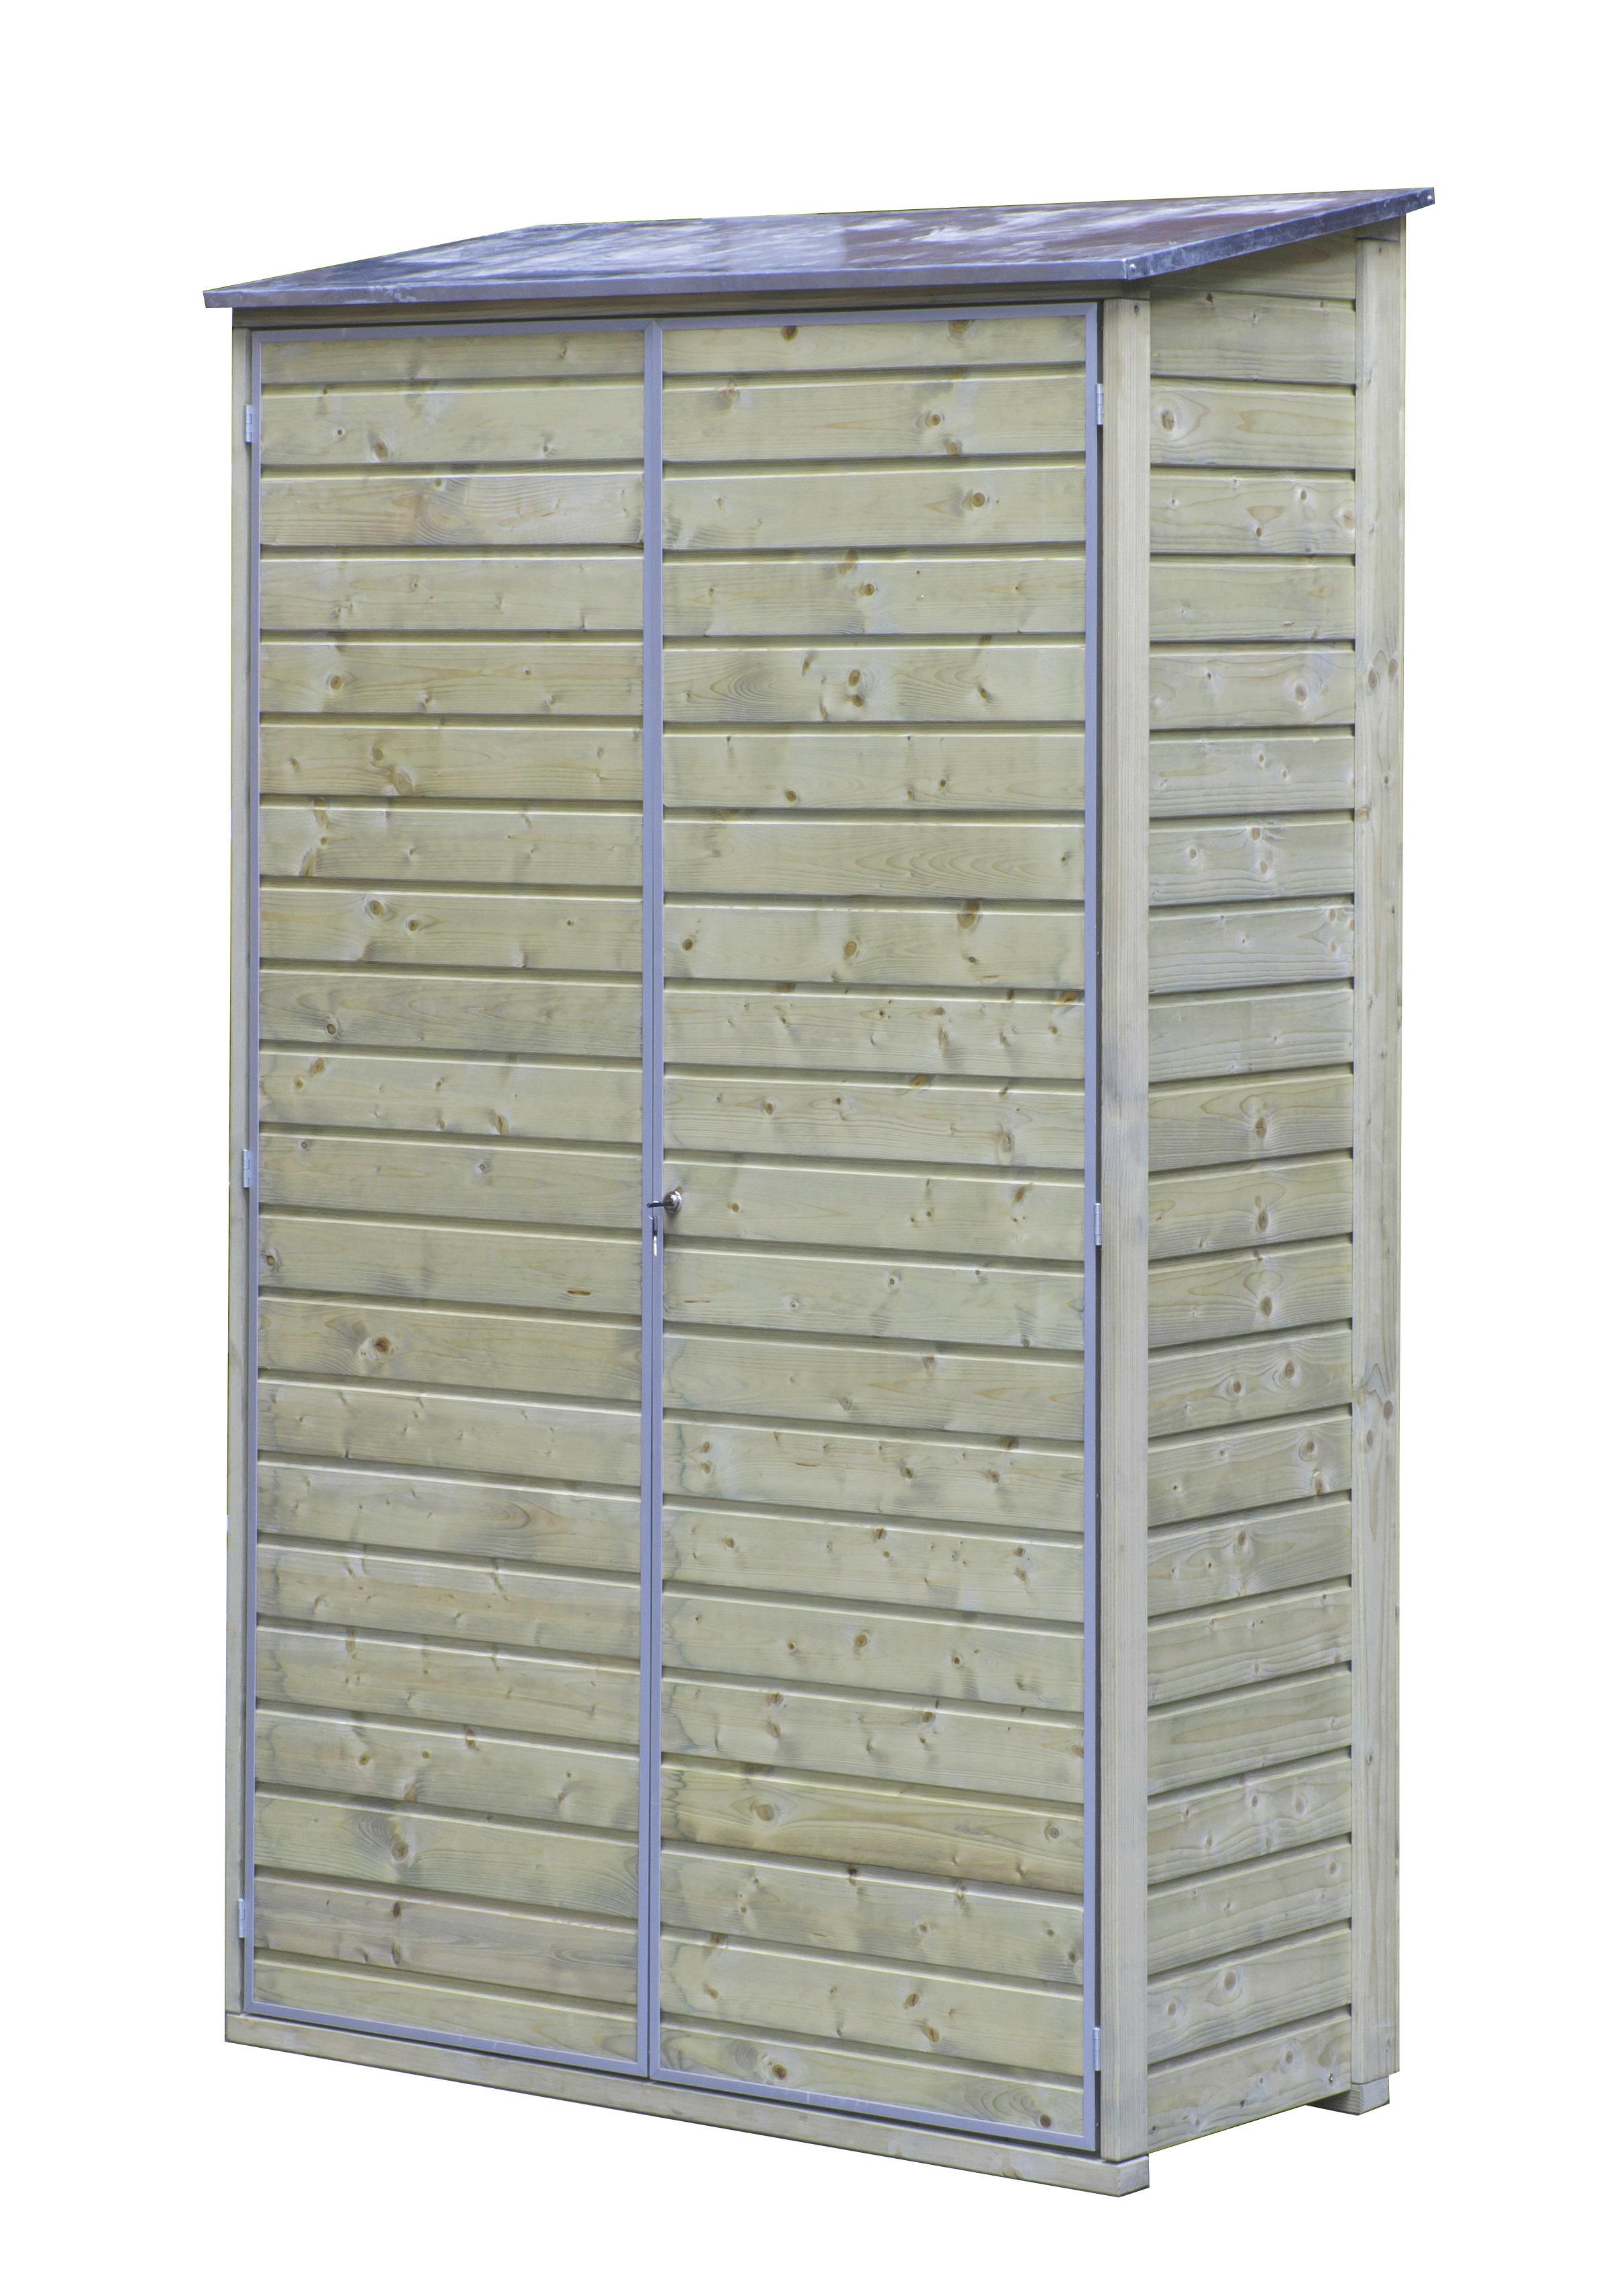 Tuinkast hout met zinken dak 200x120x60 cm